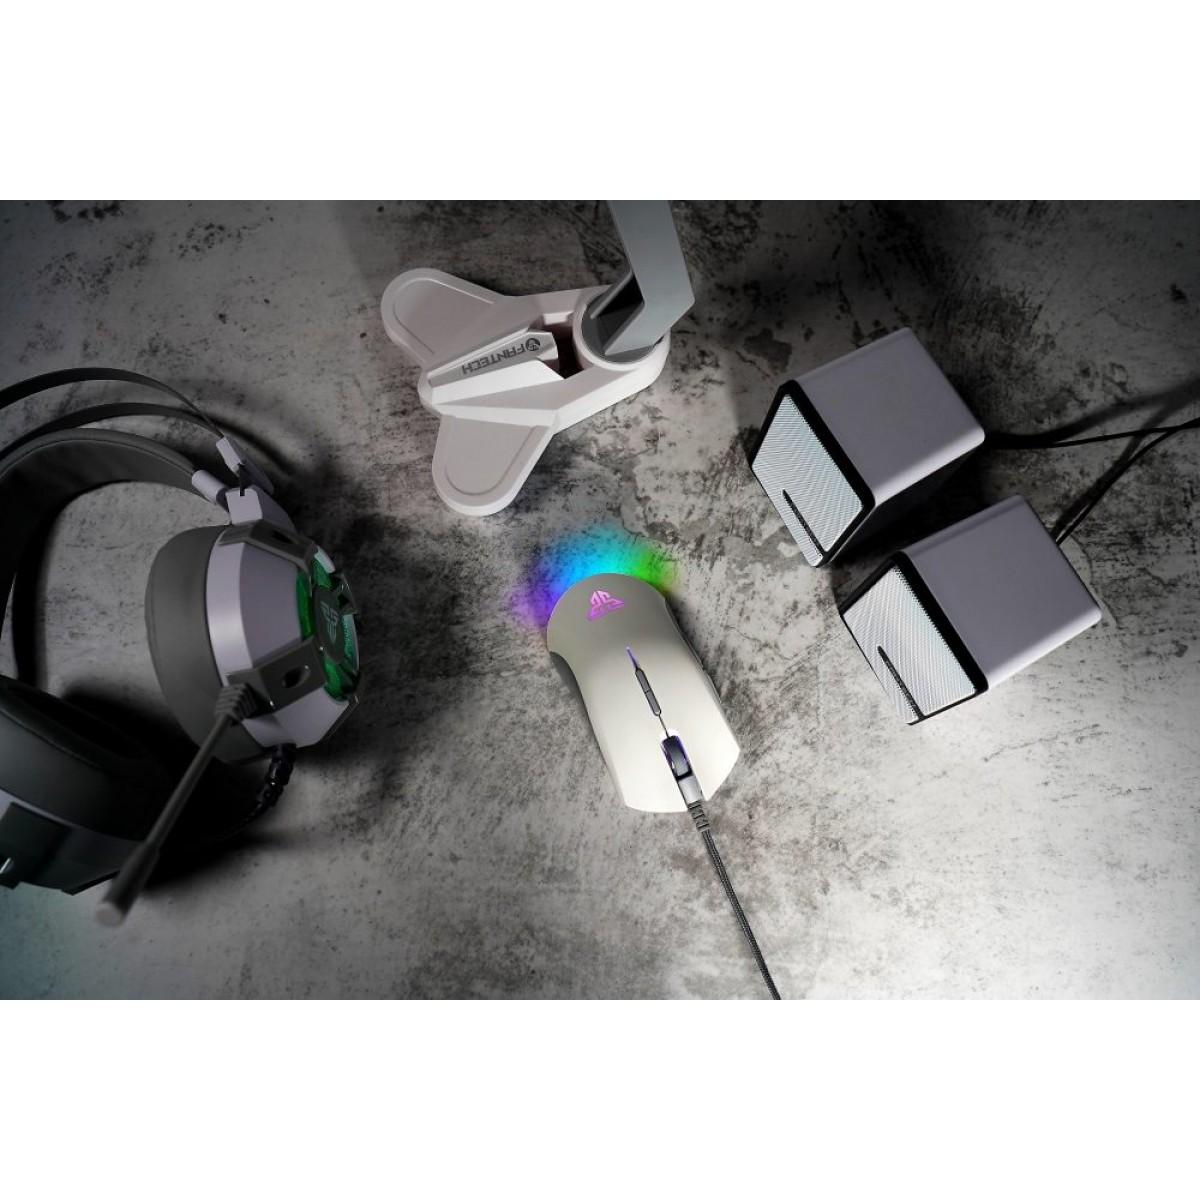 Mouse Gamer Fantech Blake X17 Edição Space, 10.000 DPI, 8 Botões, RGB, White